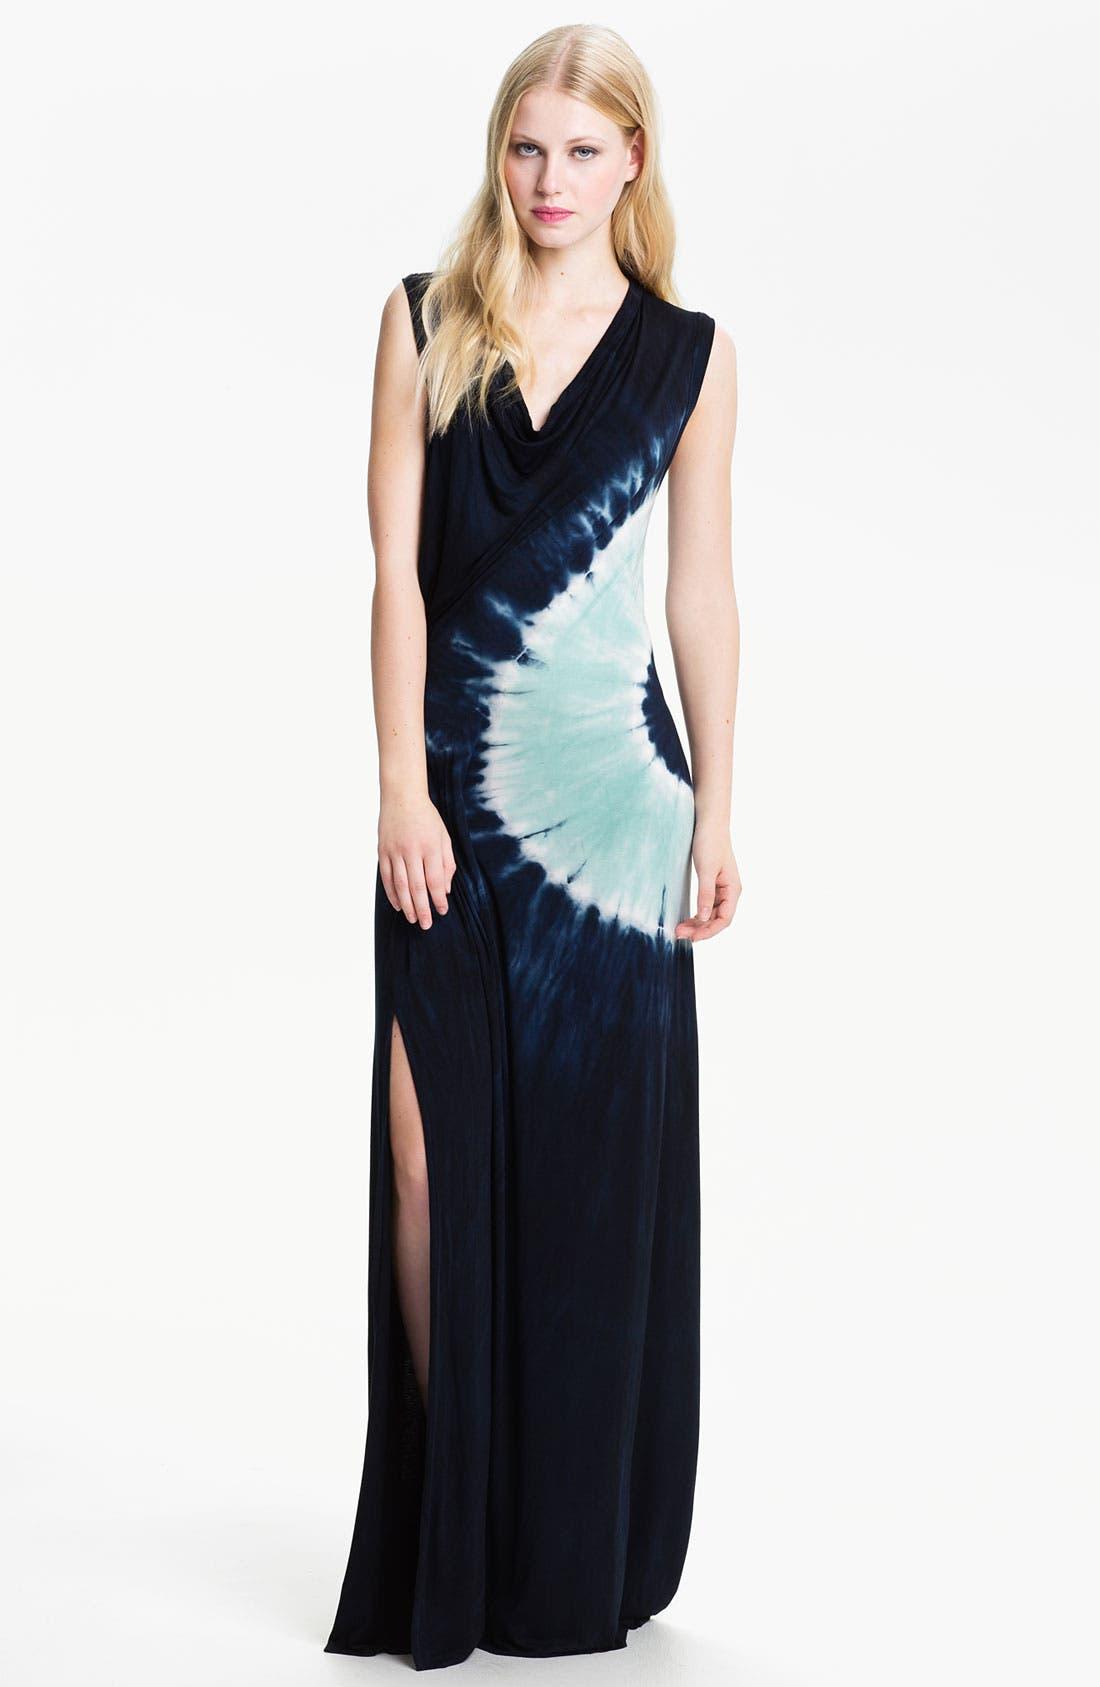 Main Image - Young, Fabulous & Broke 'Yoka' Tie Dye Maxi Dress